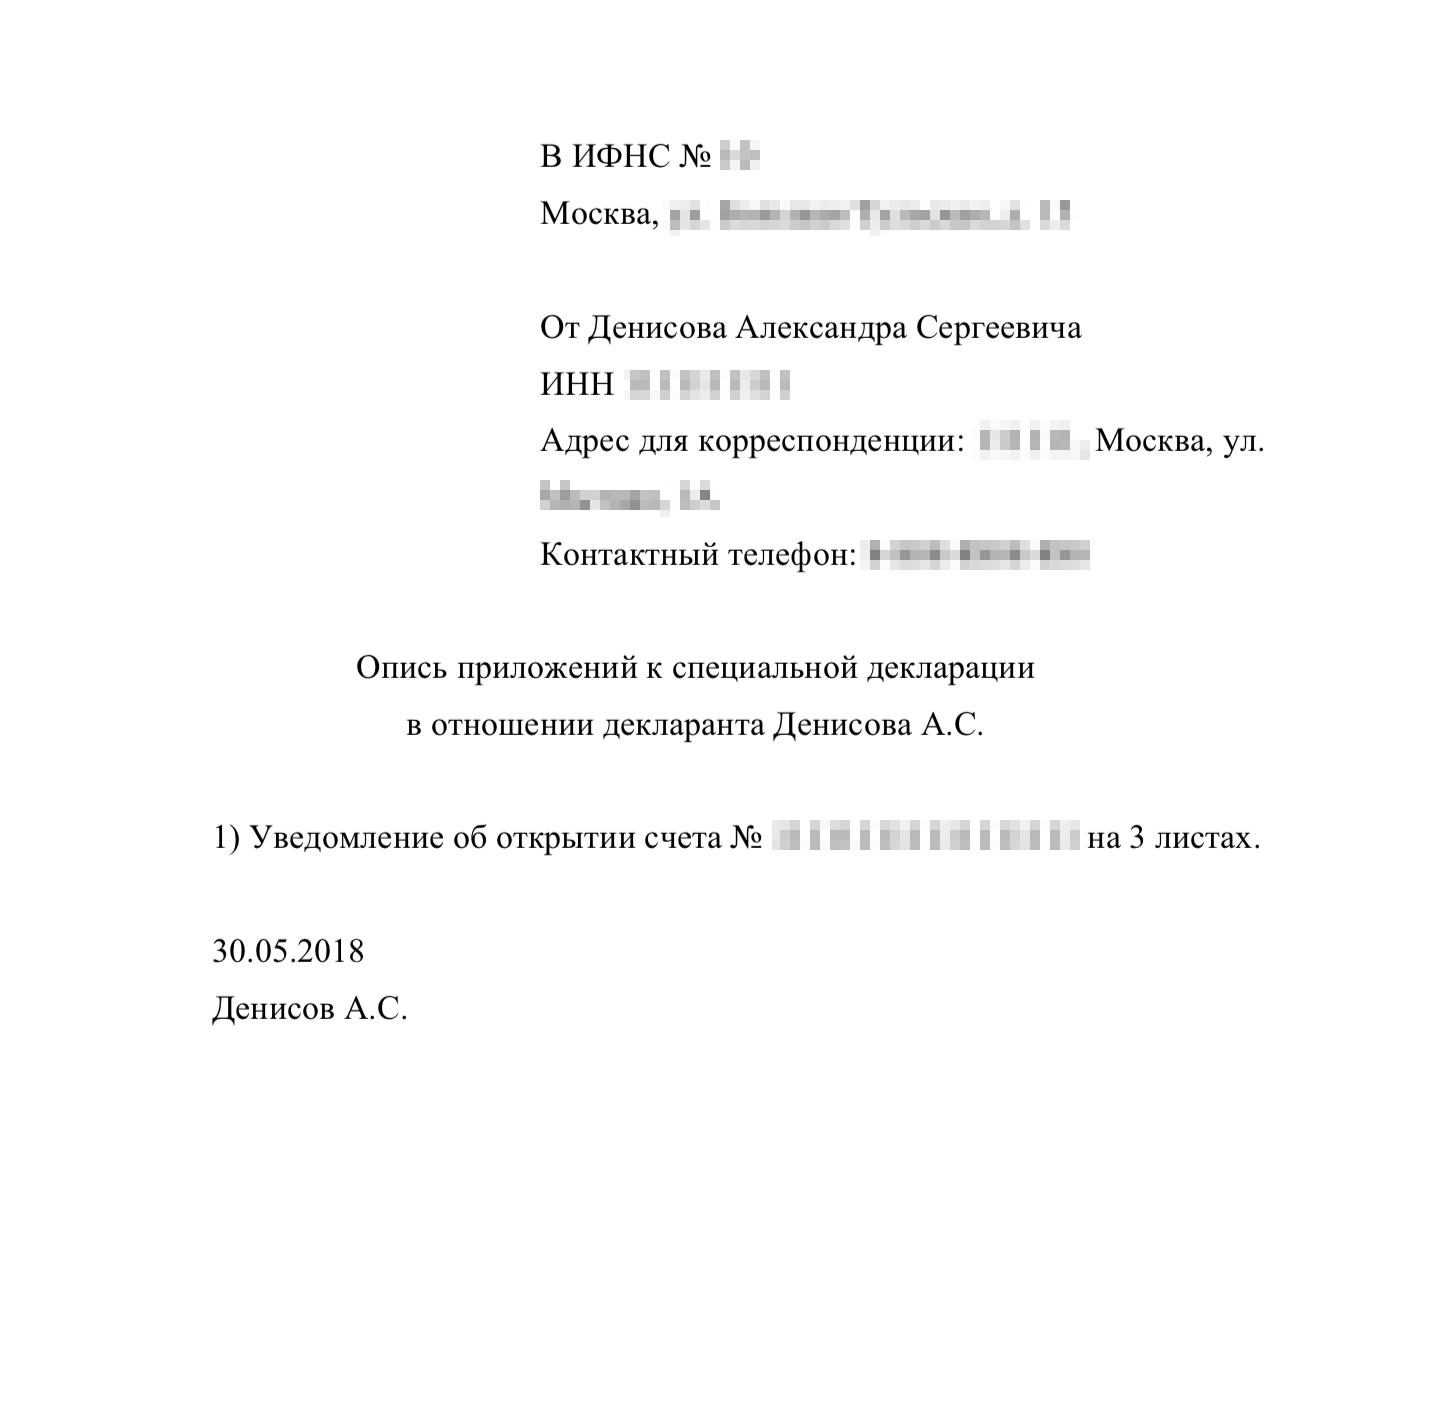 Если вместе с декларацией подавать подтверждающие документы, также нужна их опись, даже если она состоит из одного пункта. Ее составляют в произвольной форме — главное, чтобы там были реквизиты всех приложенных документов